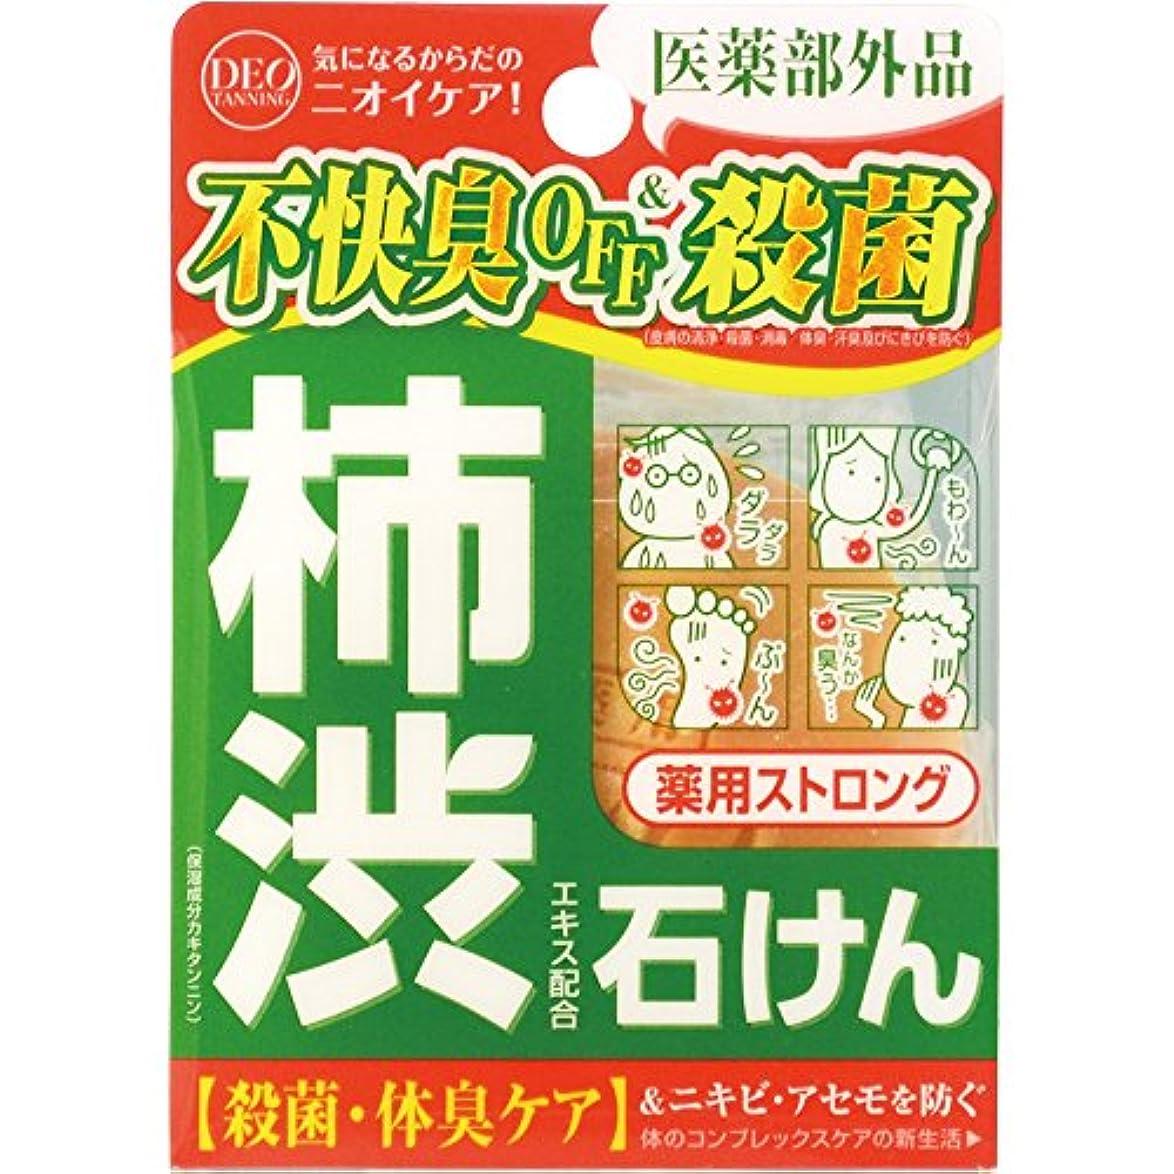 アダルトキャベツどきどきデオタンニング 薬用ストロング ソープ 100g (医薬部外品)